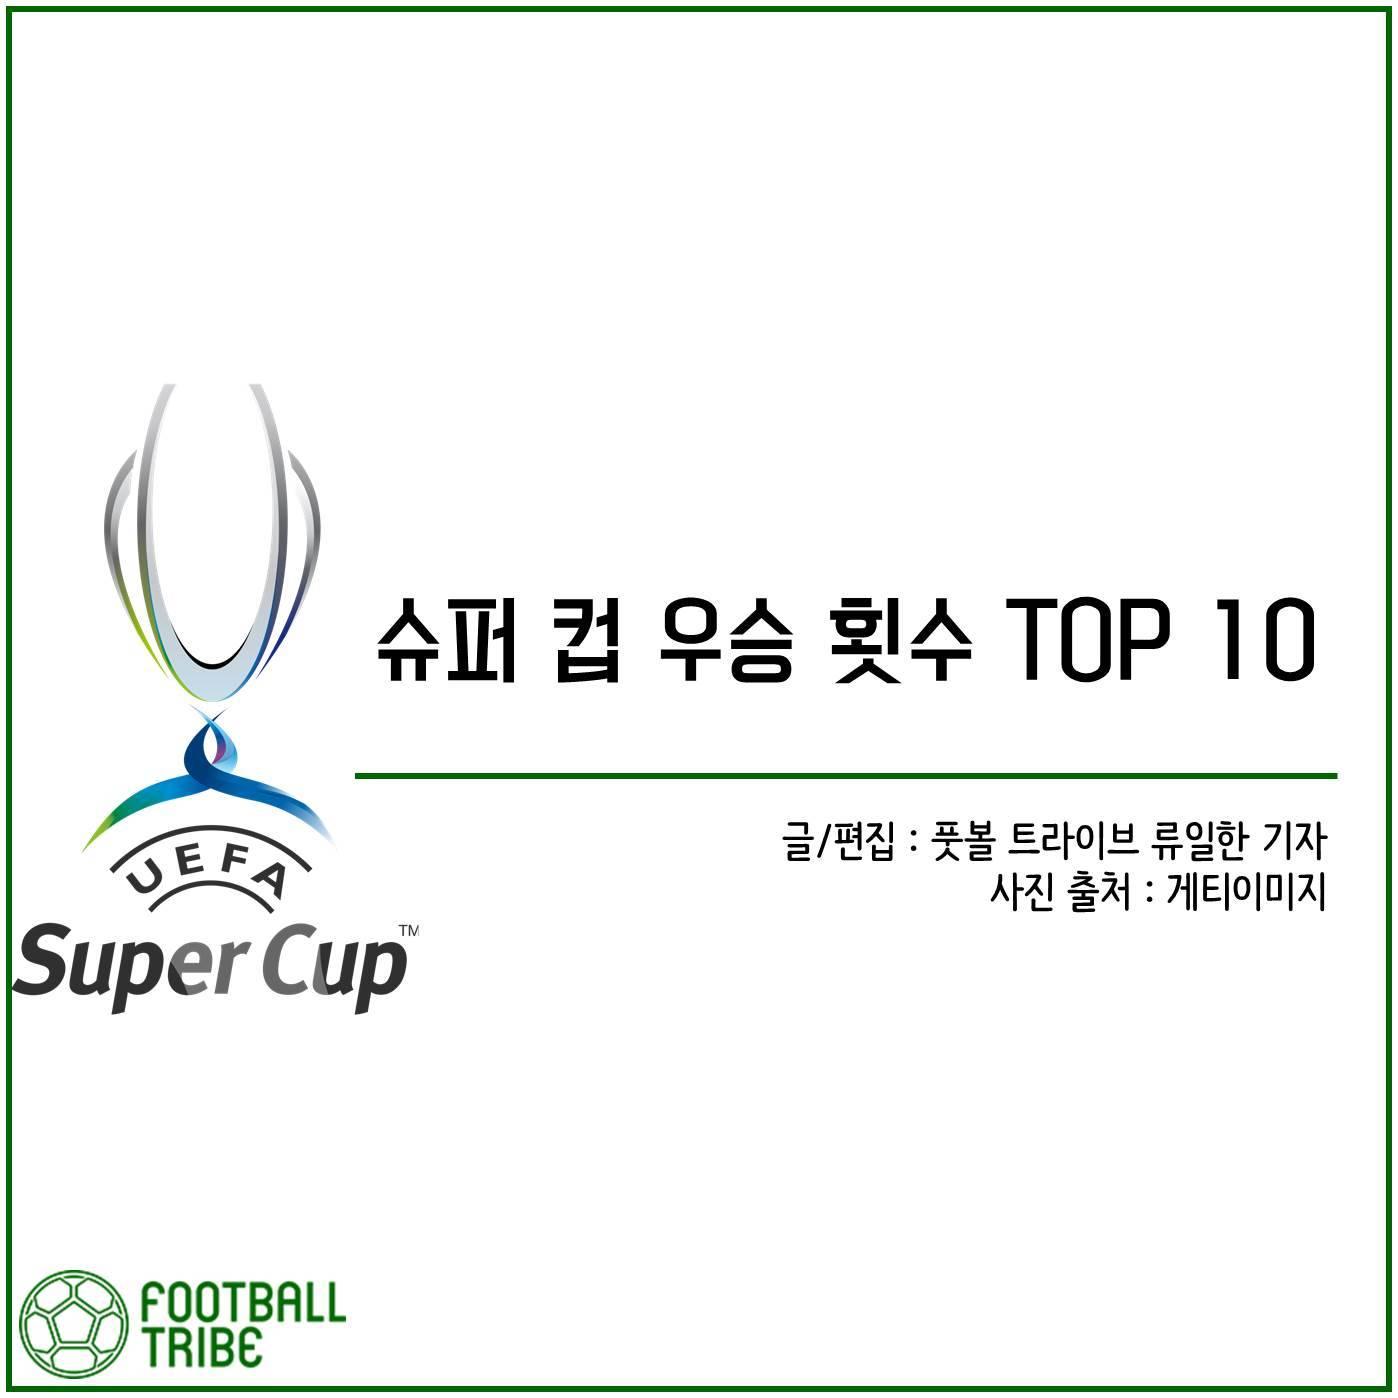 [카드 뉴스] 슈퍼 컵 우승 횟수 TOP 10